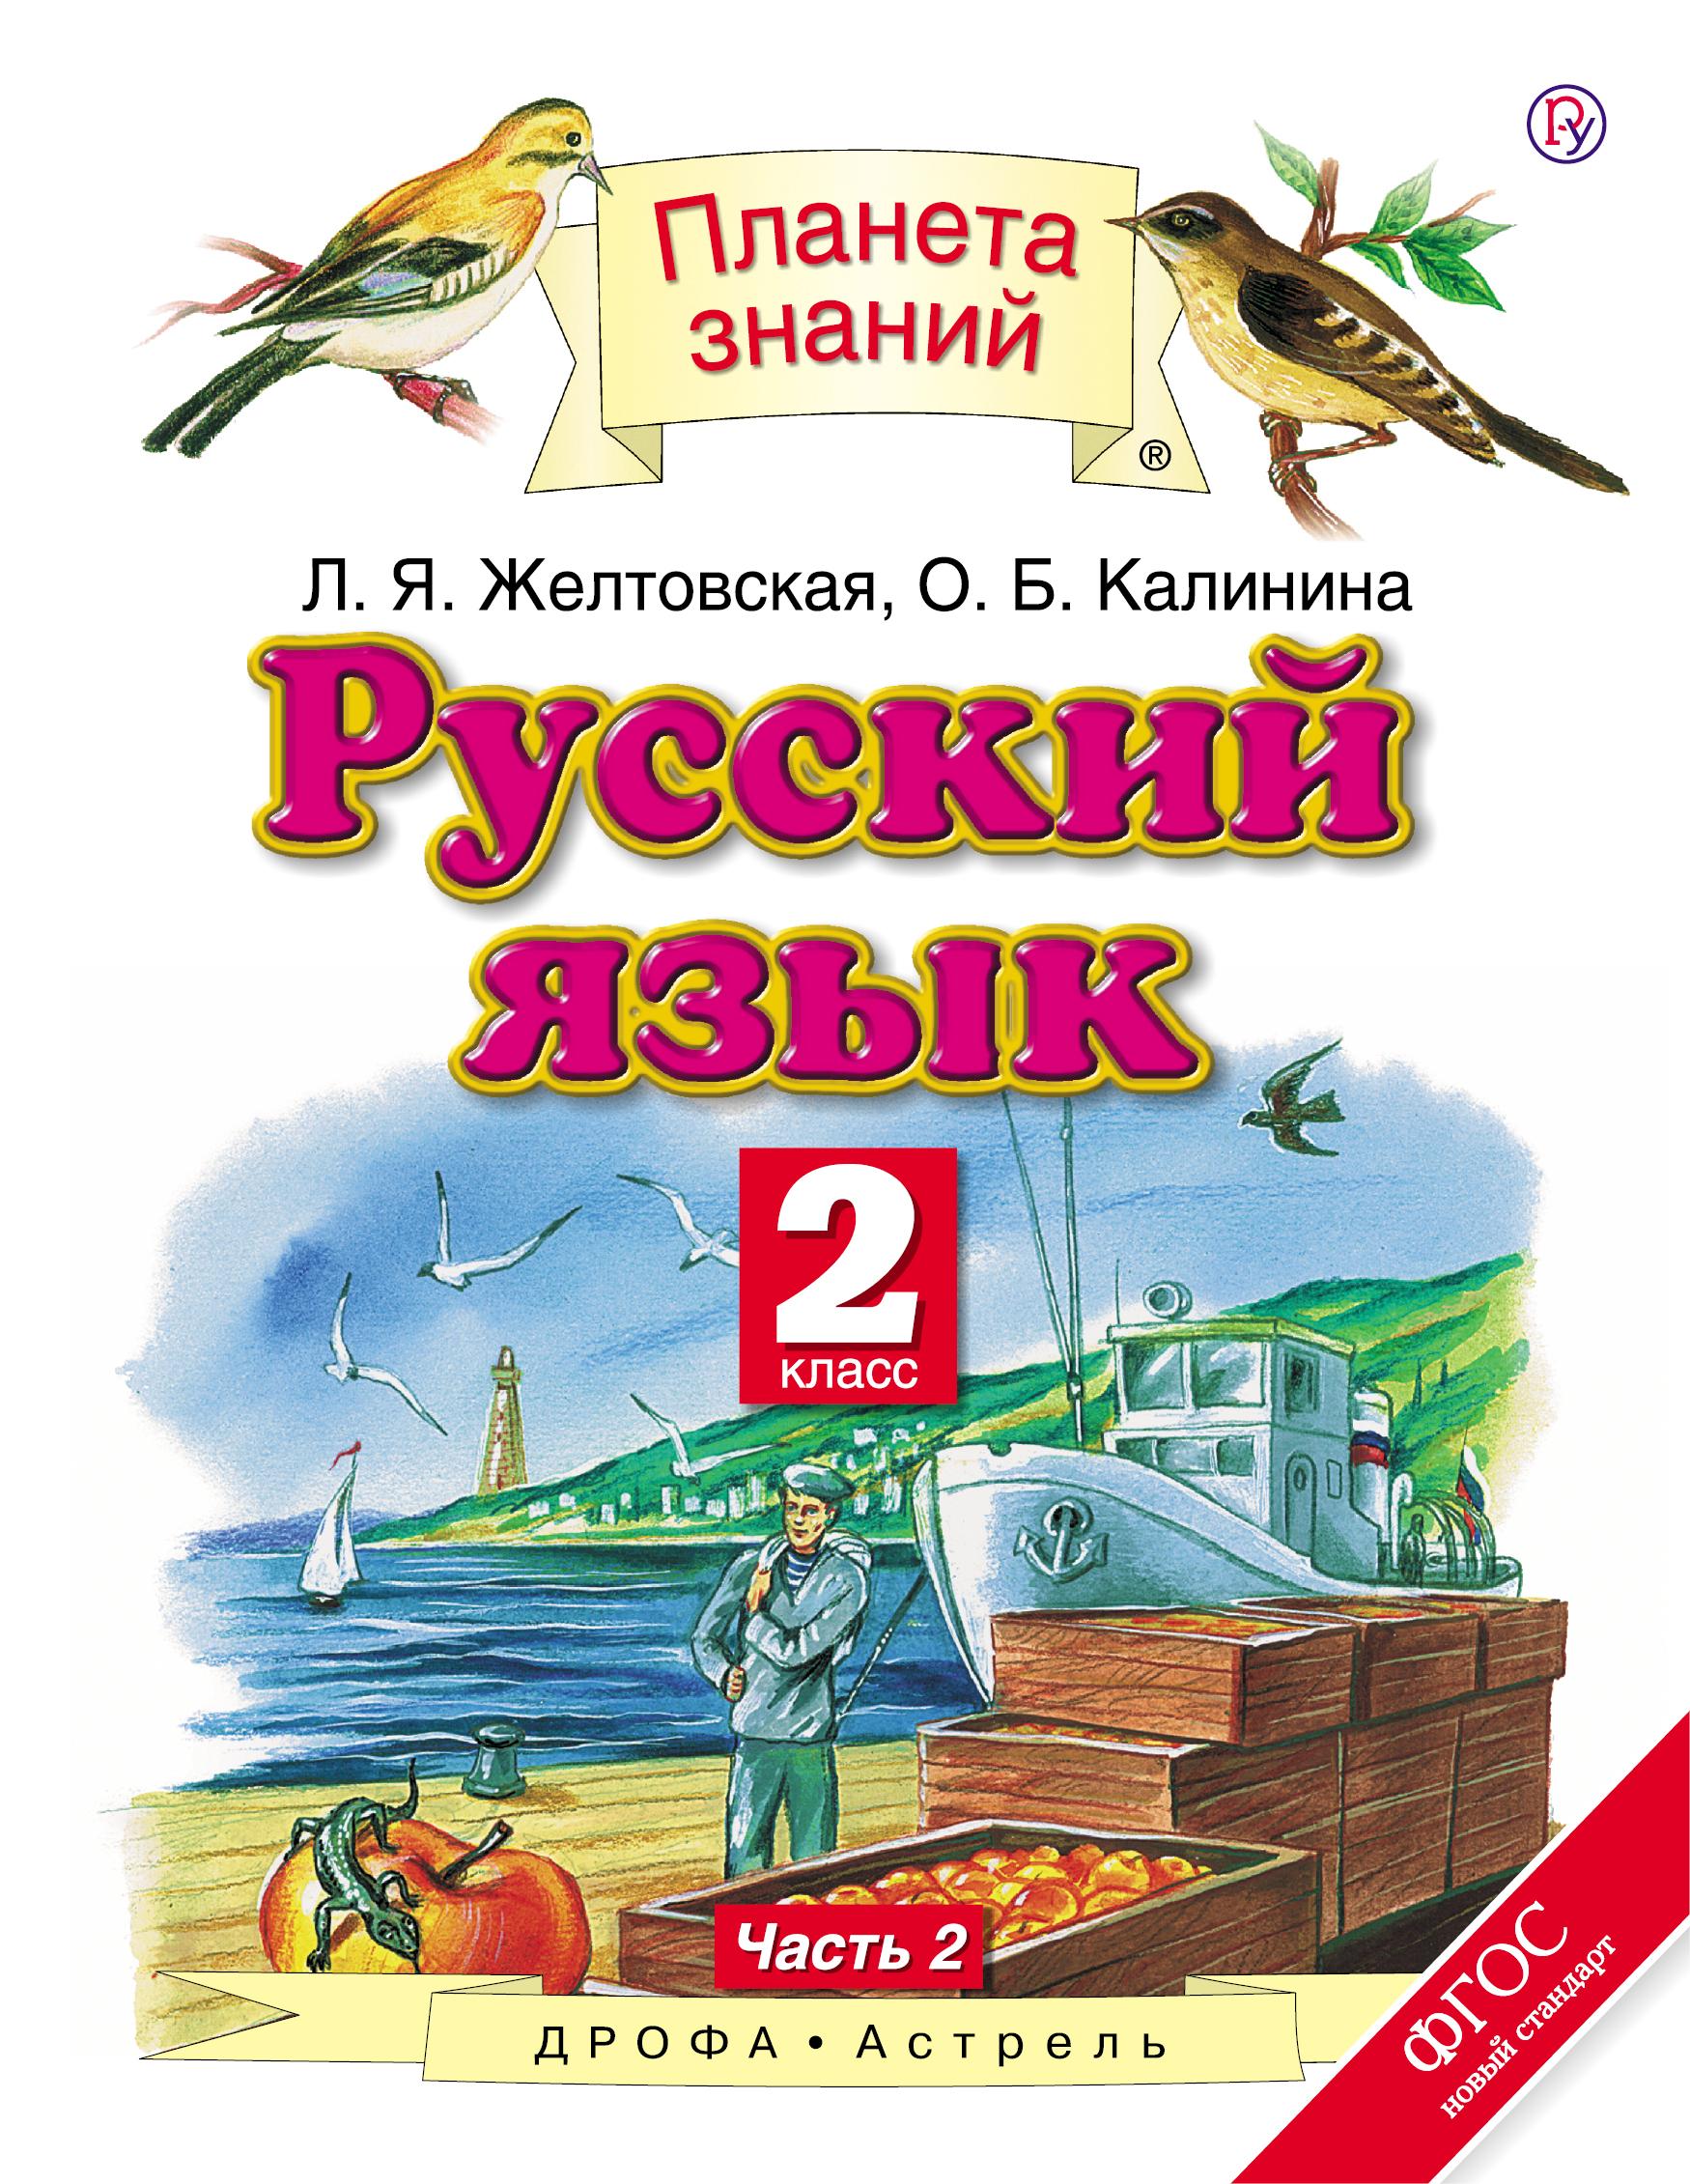 Л. Я. Желтовская, О. Б. Калинина Русский язык. 2 класс. Учебник. В 2 частях. Часть 2